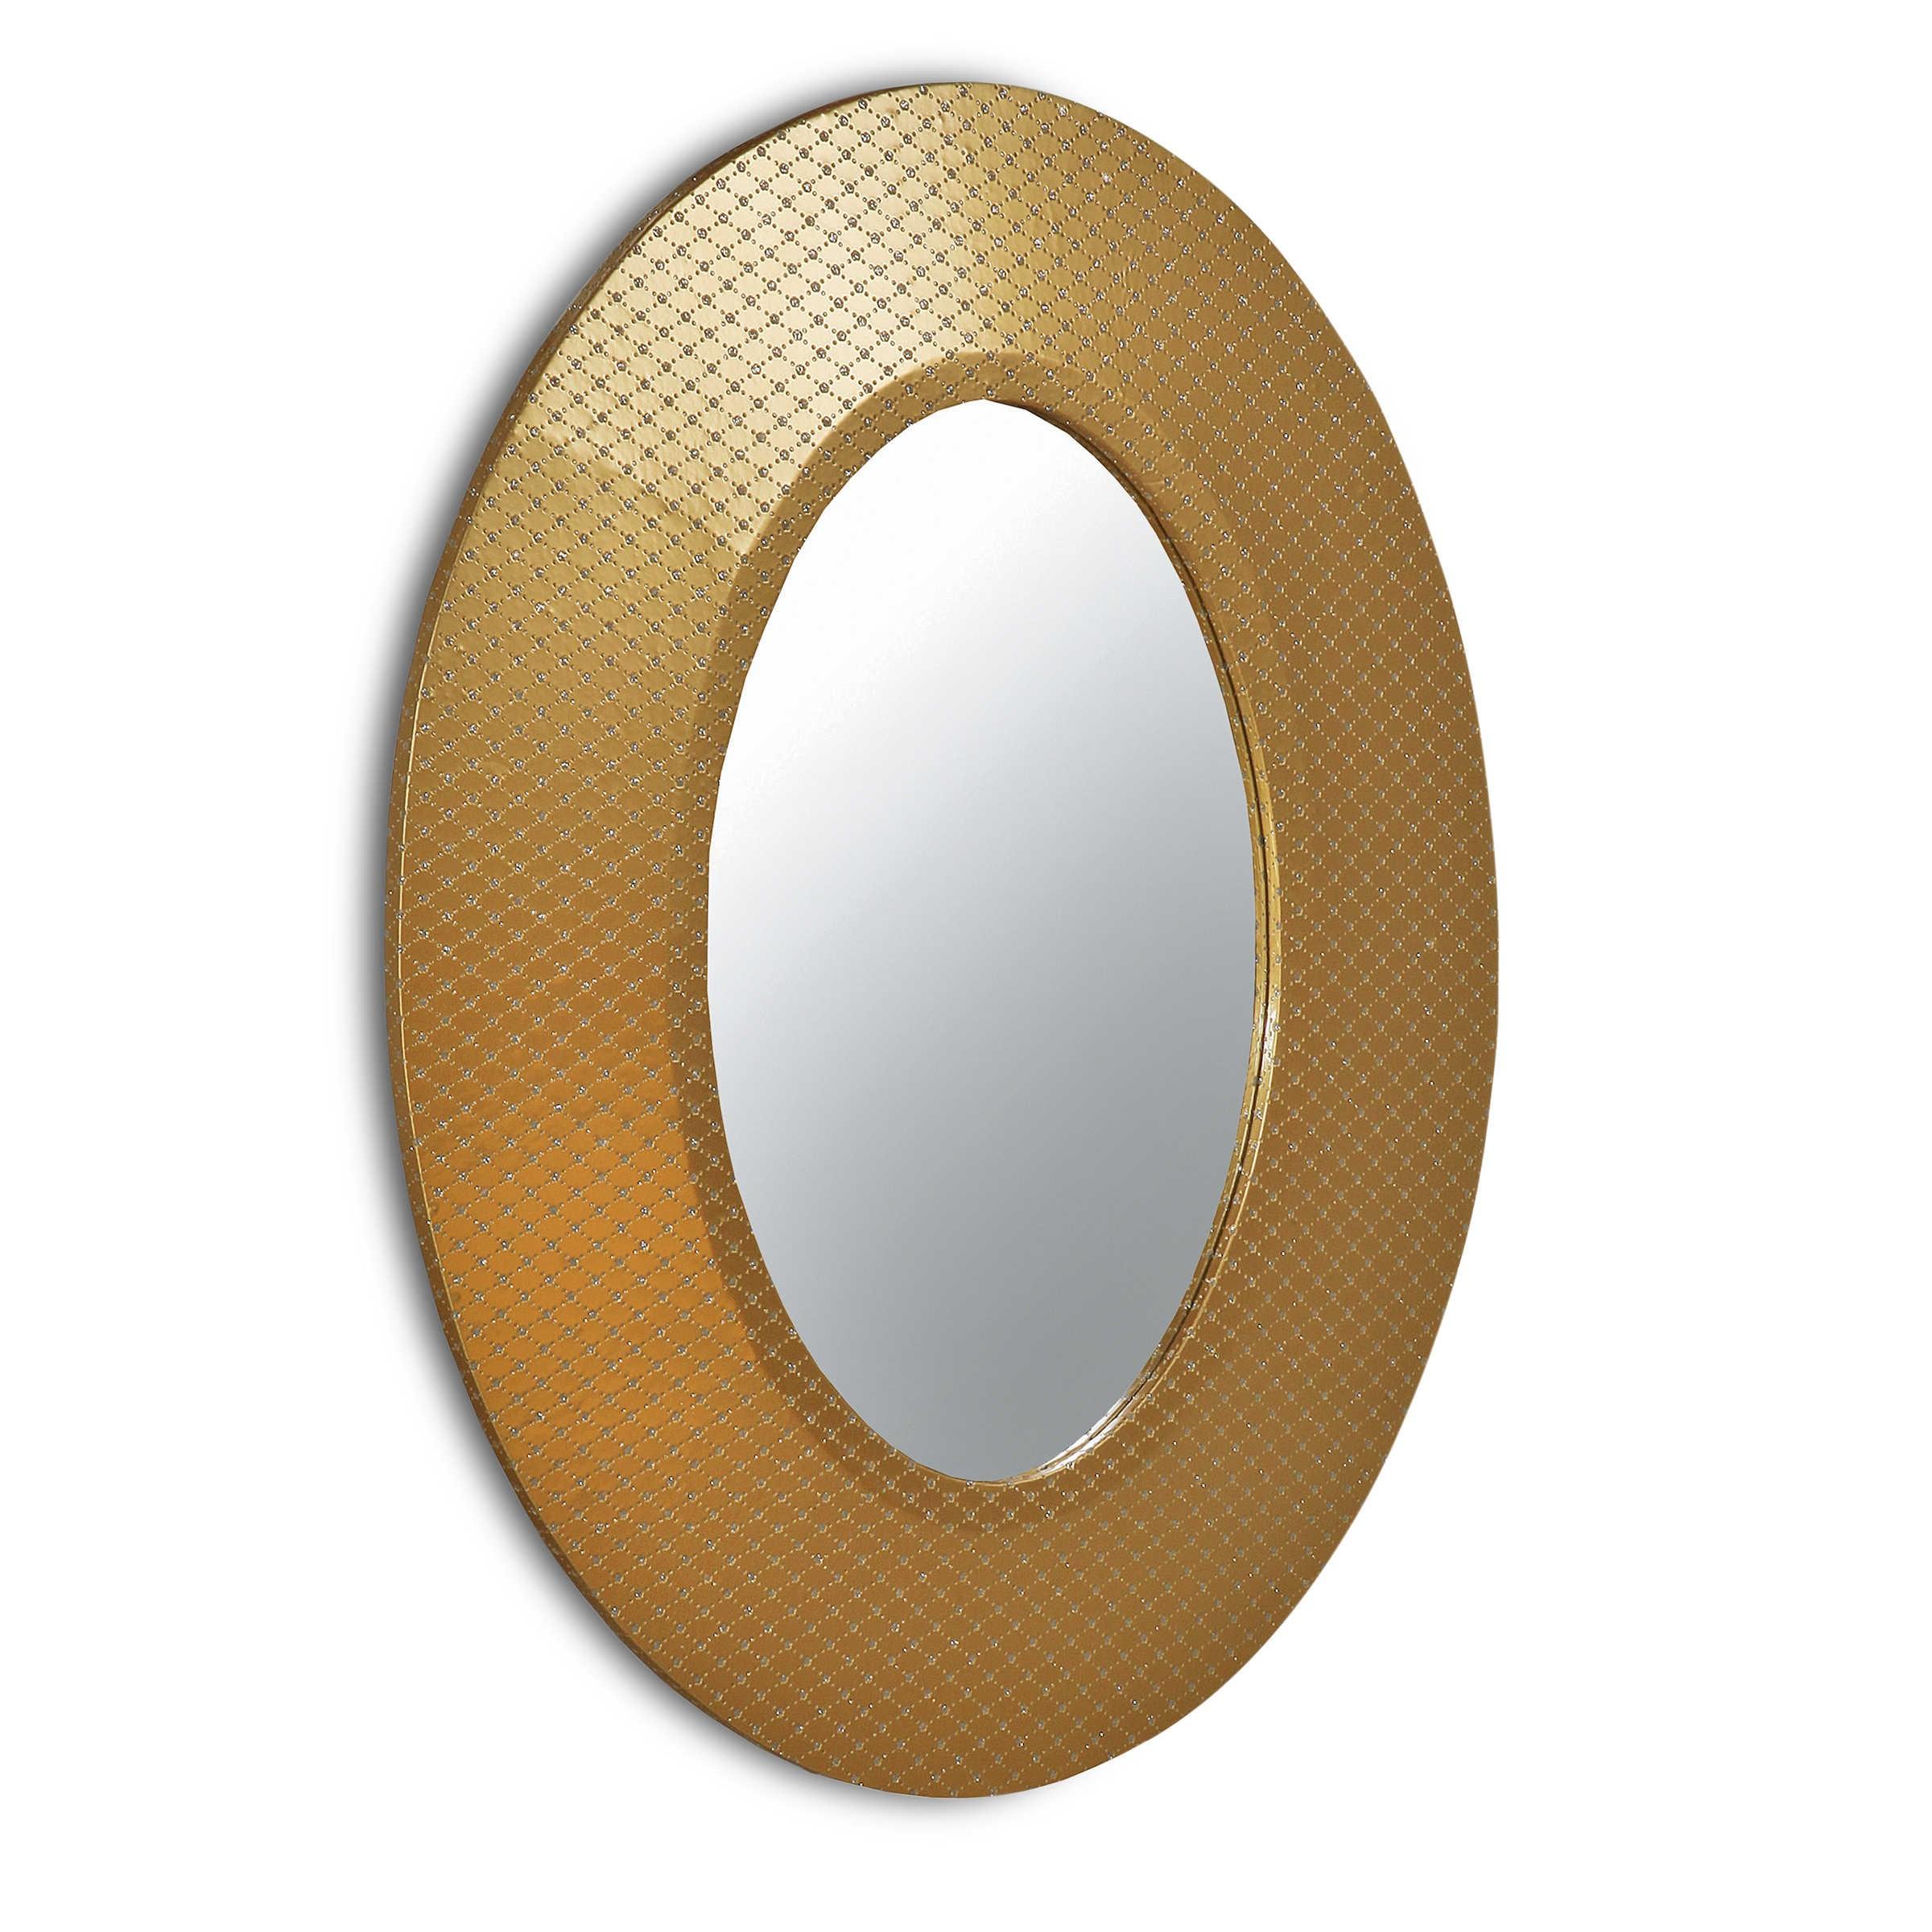 gutmann factory spiegel sparkle transparent glas online kaufen bei woonio. Black Bedroom Furniture Sets. Home Design Ideas